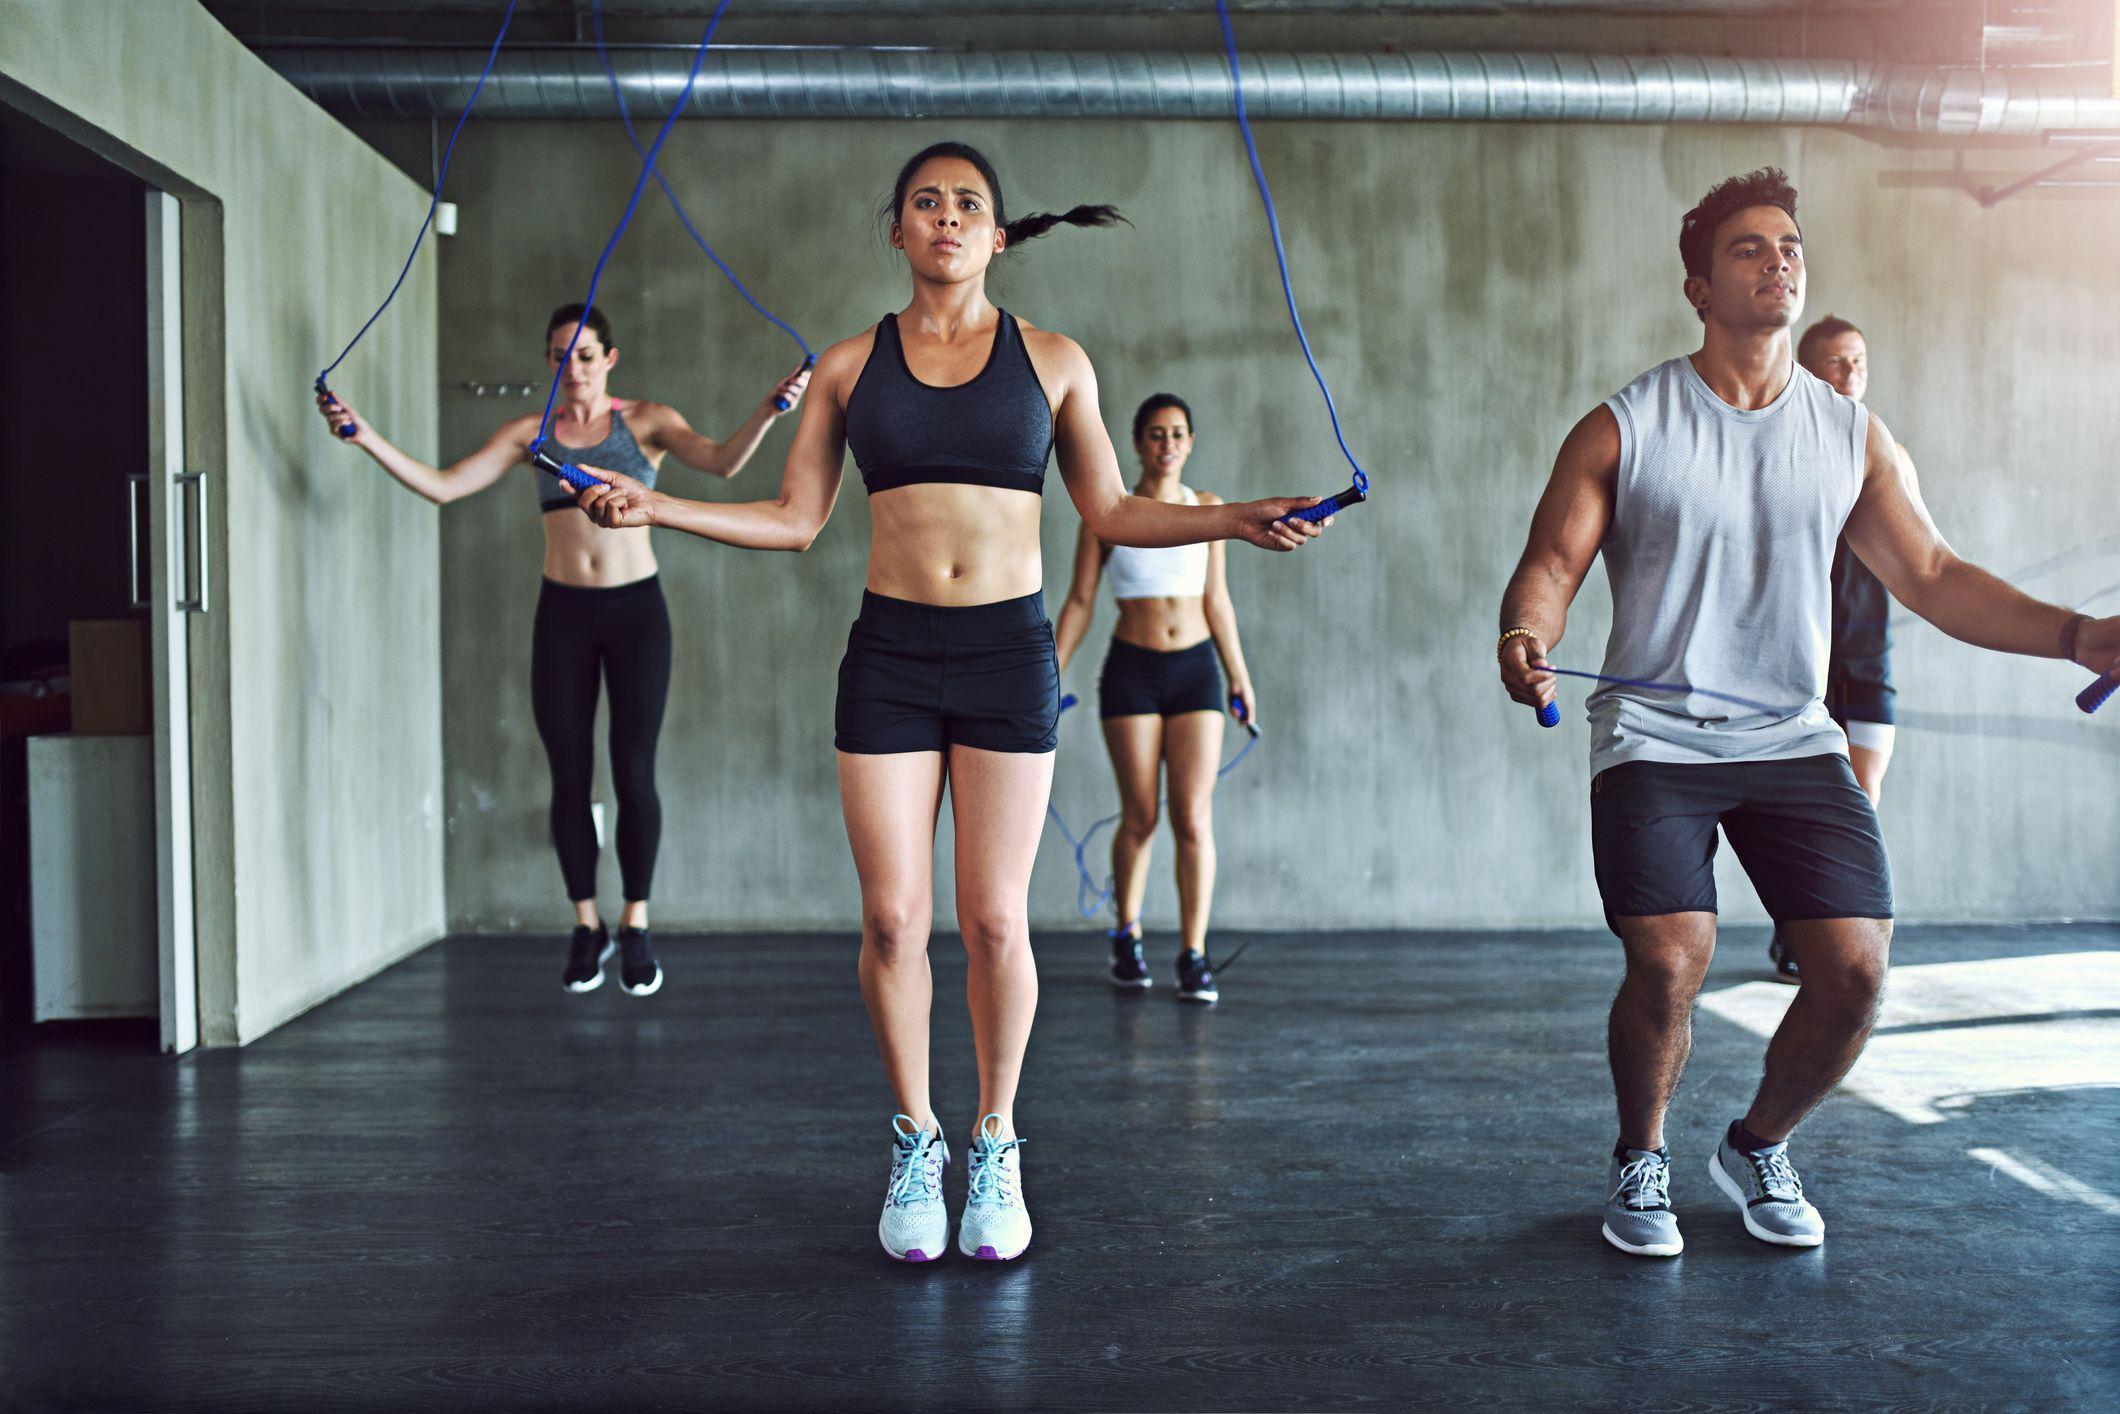 ejercicio de cardio